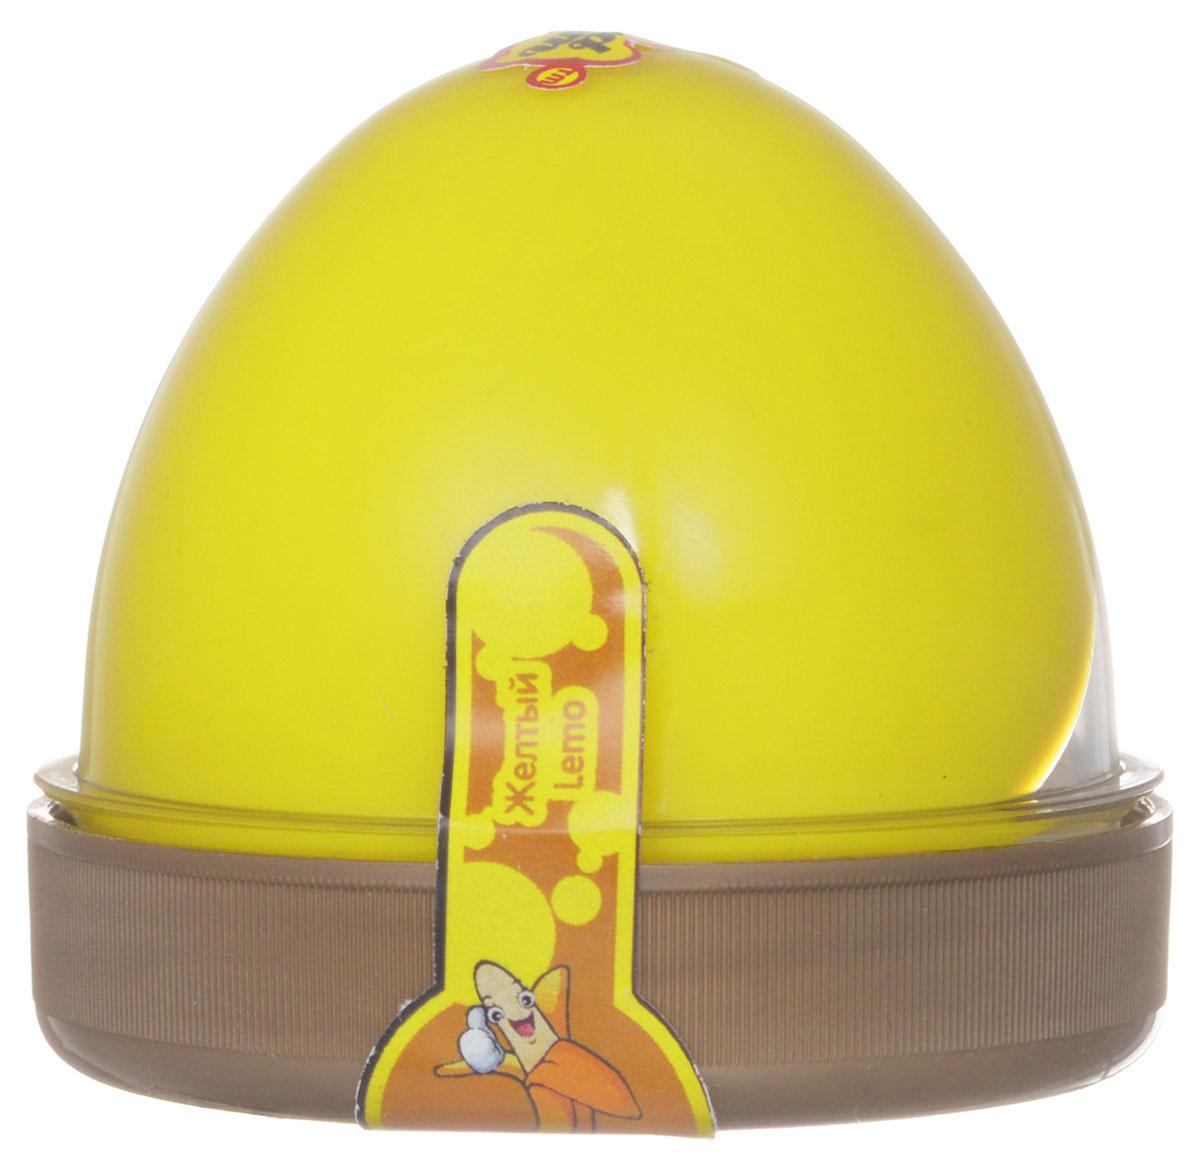 Жвачка для рук ТМ HandGum, цвет: желтый, с запахом банана, 35 г10246Жвачка для рук Hand Gum желтого цвета с запахом дыни подарит вам позитив и хорошие эмоции. Она радует глаз и дарит нежные тактильные ощущения, способствуя хорошему настроению. Жвачка для рук изготовлена из упругого, пластичного и приятного на ощупь материала, ее можно растягивать, как резину, а если сильно дернуть, то можно порвать. Из нее отлично получаются скульптуры, которые живут считанные минуты, постепенно превращаясь в лужи. Прилепите ее на дверную ручку - и он капнет, скатайте шарик и ударьте об пол - он подпрыгнет. Кубик, кстати, тоже подпрыгнет, но совсем не туда, куда ожидается. Уважаемые клиенты! Обращаем ваше внимание на цветовой ассортимент товара. Поставка осуществляется в зависимости от наличия на складе. Характеристики: Цвет: желтый. Вес: 35 г. Размер упаковки: 5,5 см х 6 см х 6 см.